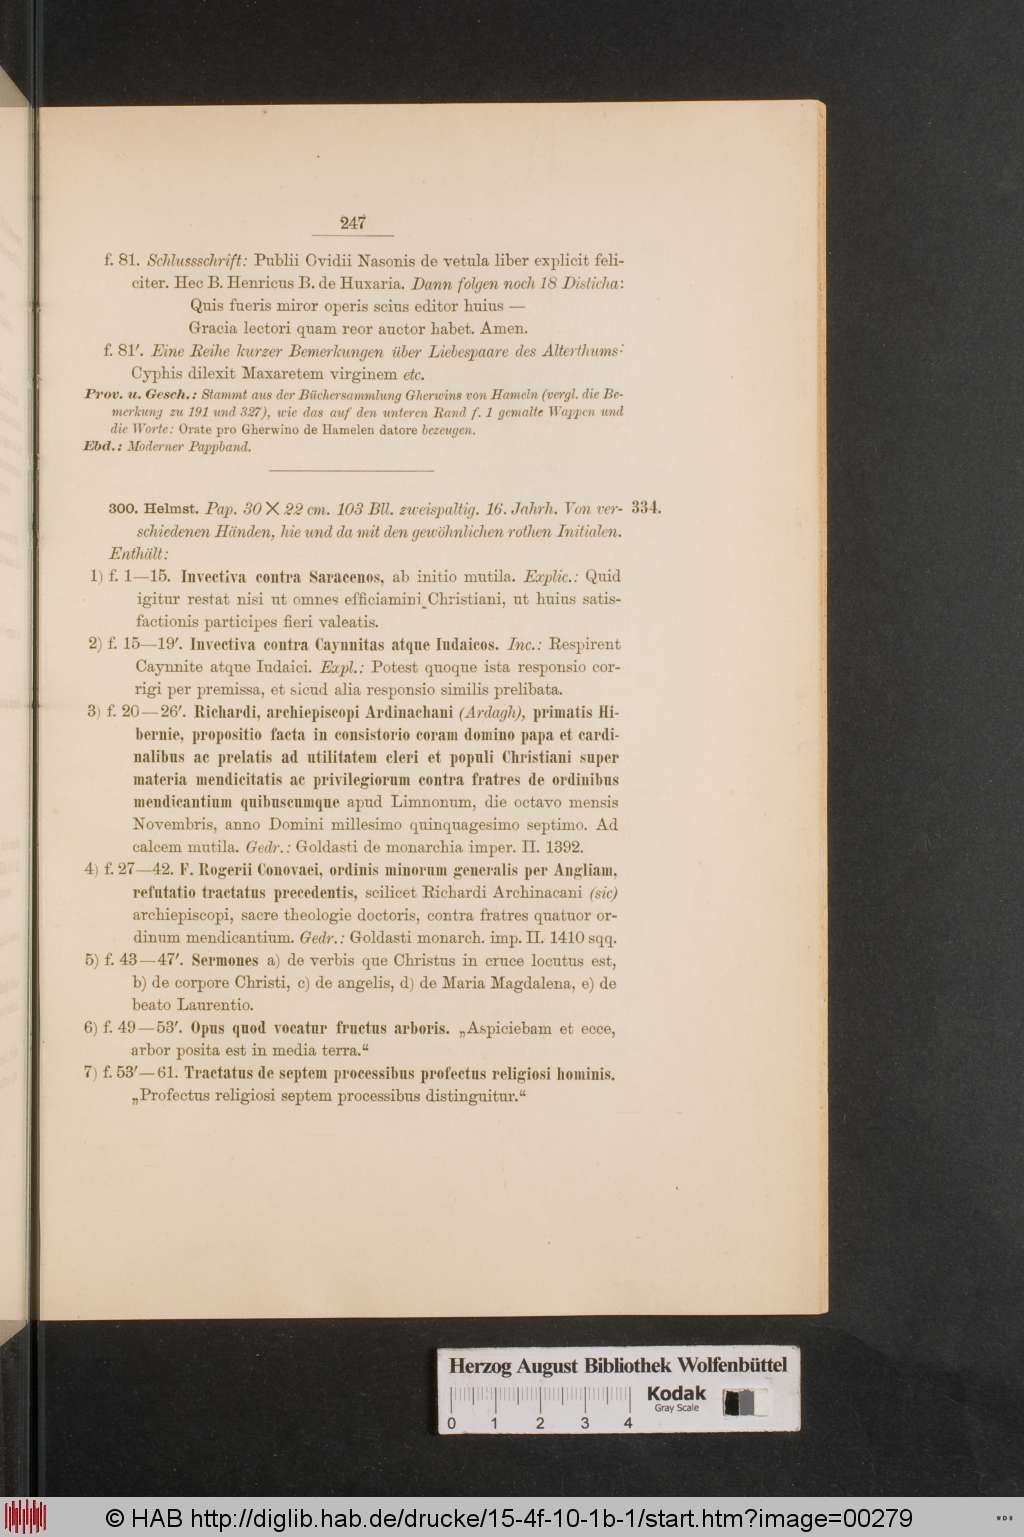 https://diglib.hab.de/drucke/15-4f-10-1b-1/00279.jpg